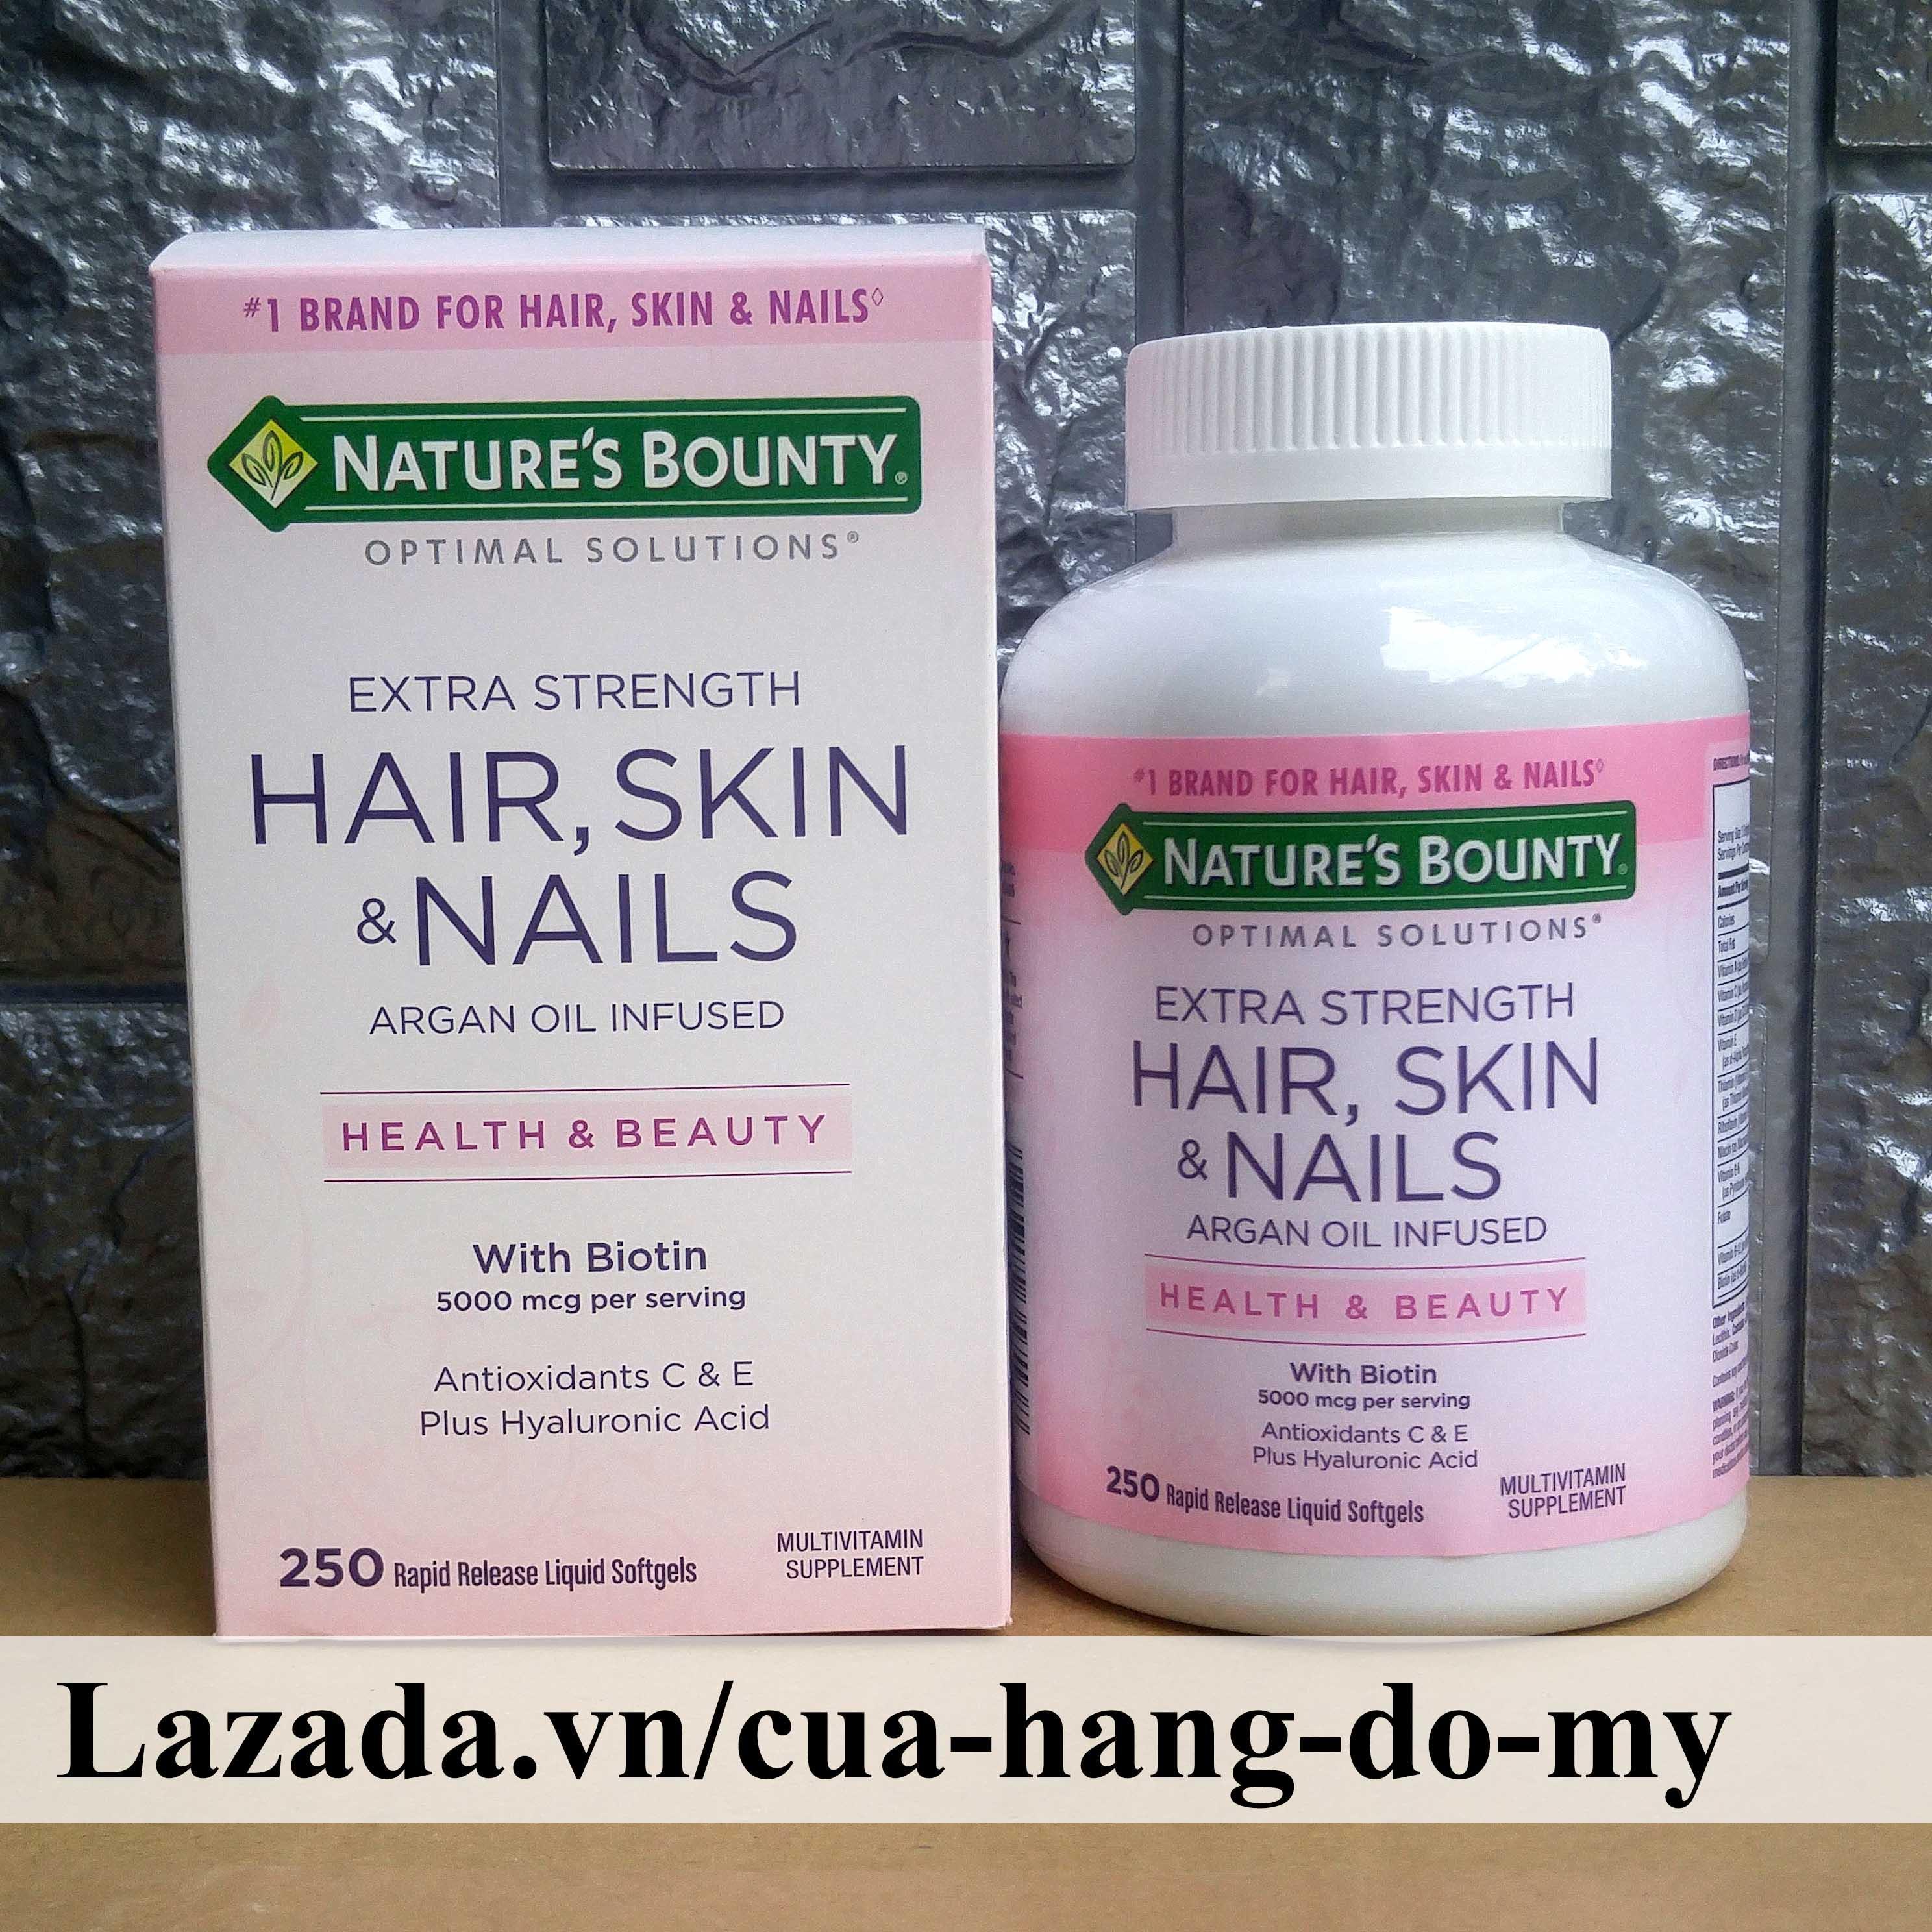 Thực phẩm  Đẹp Da, Tóc, Móng Go Hair Skin Nail Gummies Natures Bounty Argan Oil Infused Health & Beauty with Biotin 5000 mcg Antioxidant C & E Plus Hyaluronic Acid 250 Viên Vitamin tổng hợp dành cho sắc đẹp nhập khẩu